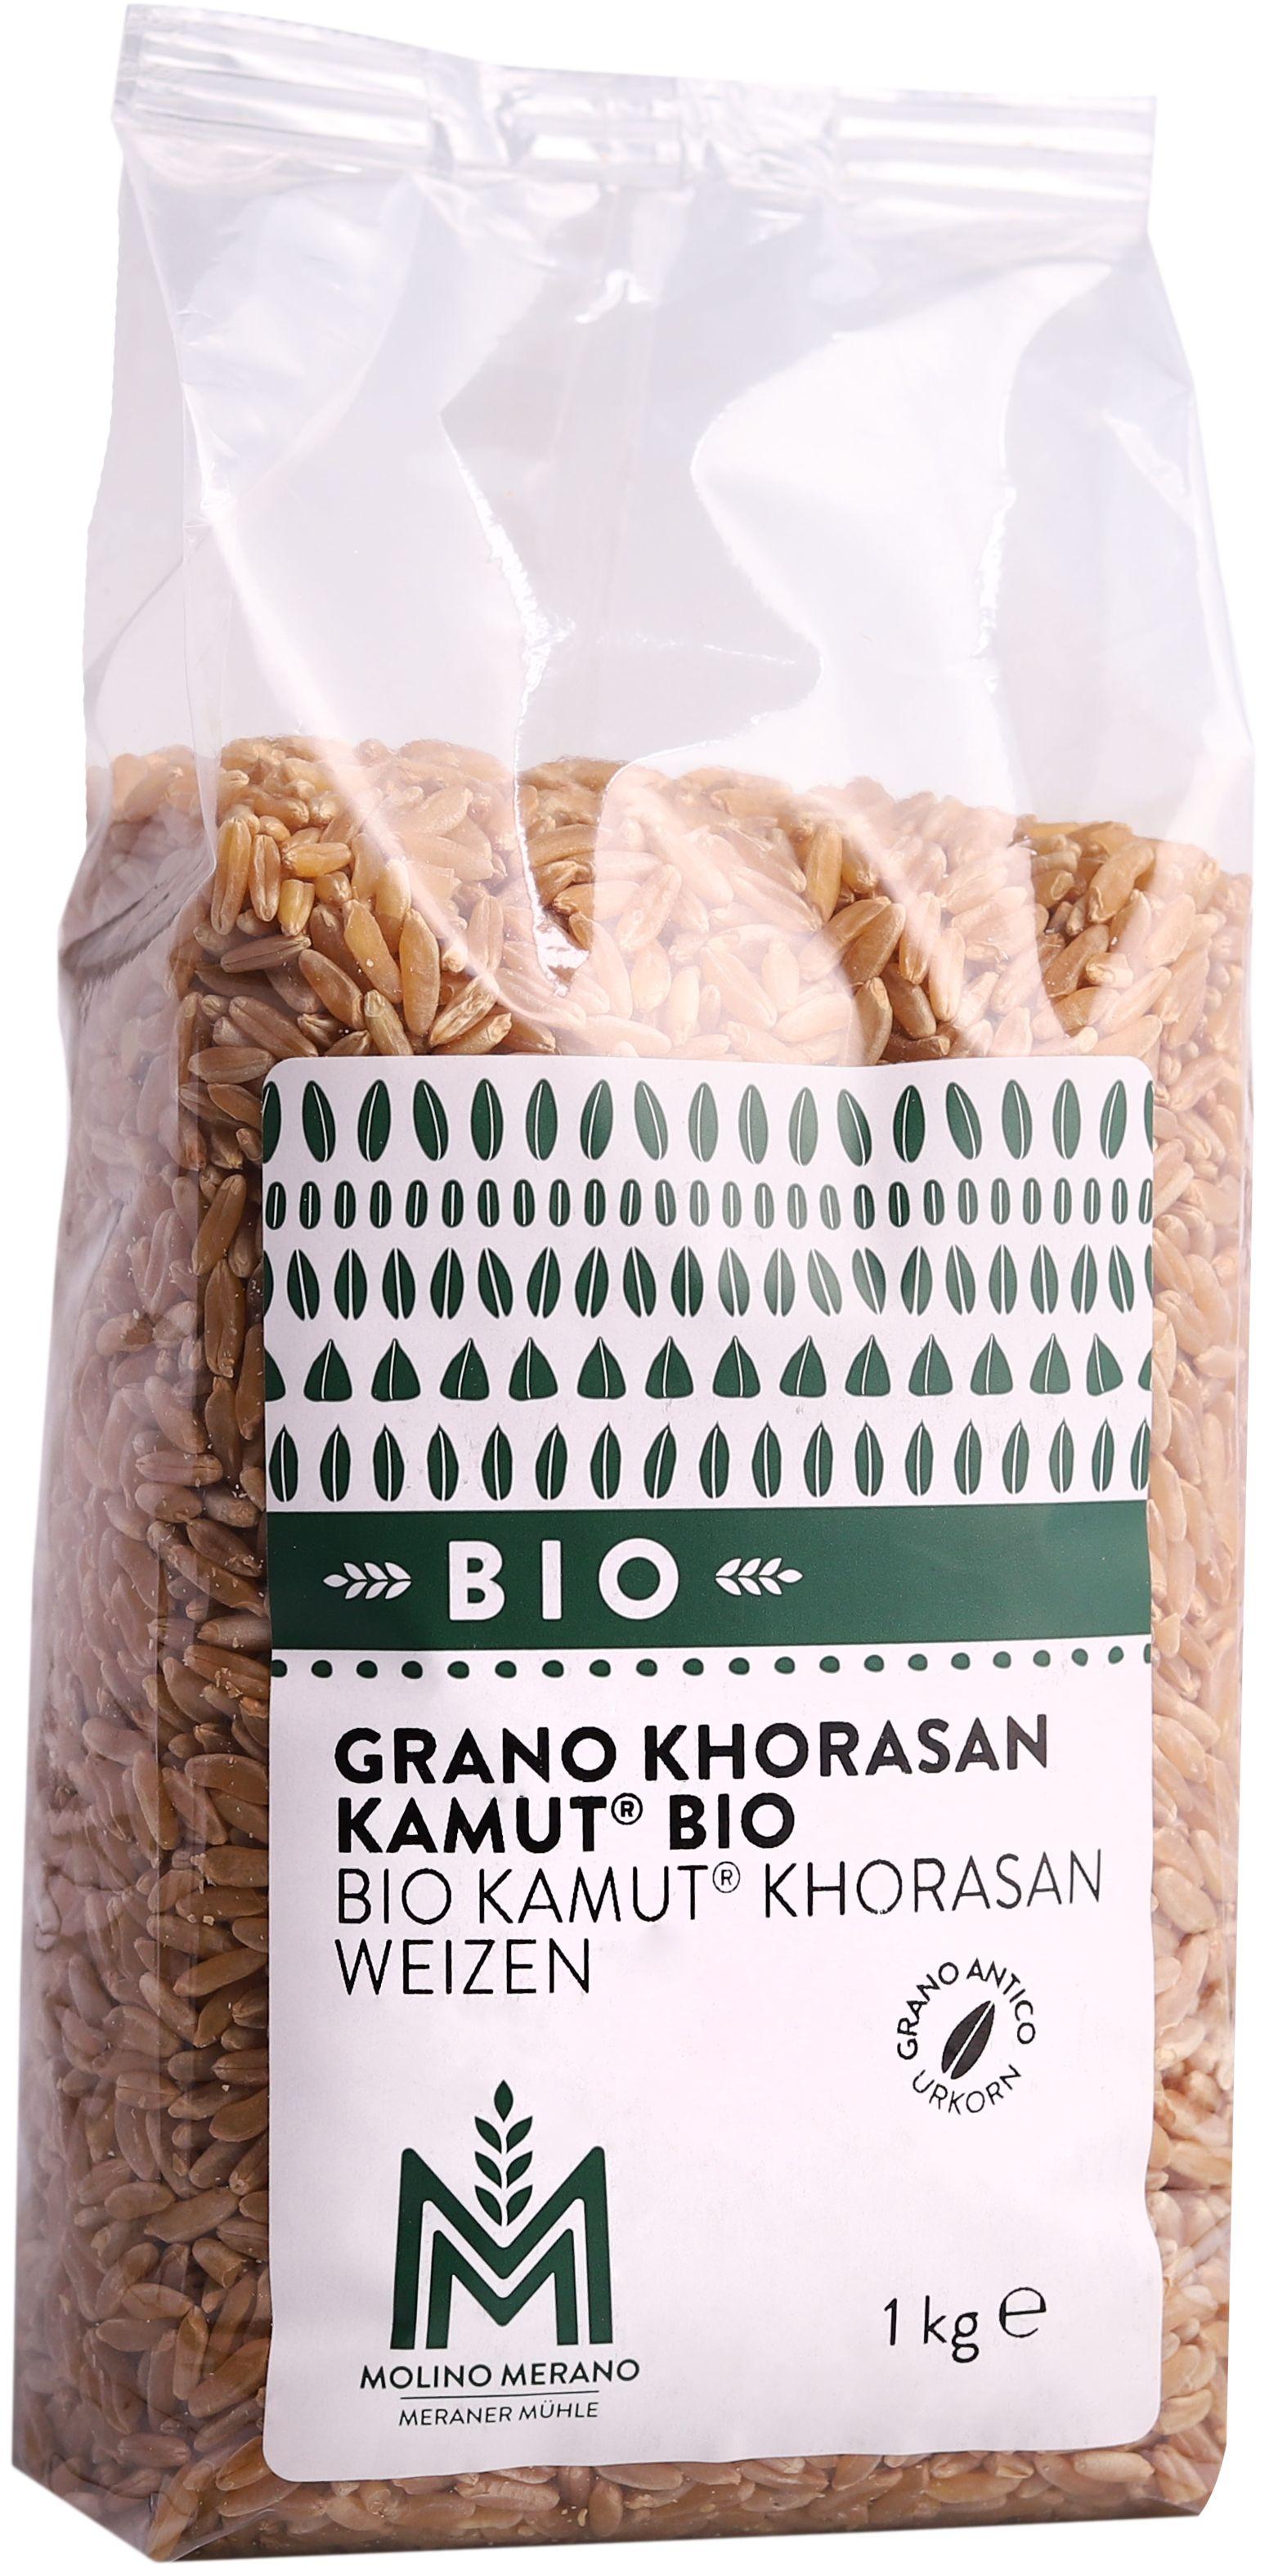 Bio Kamut® Khorasan